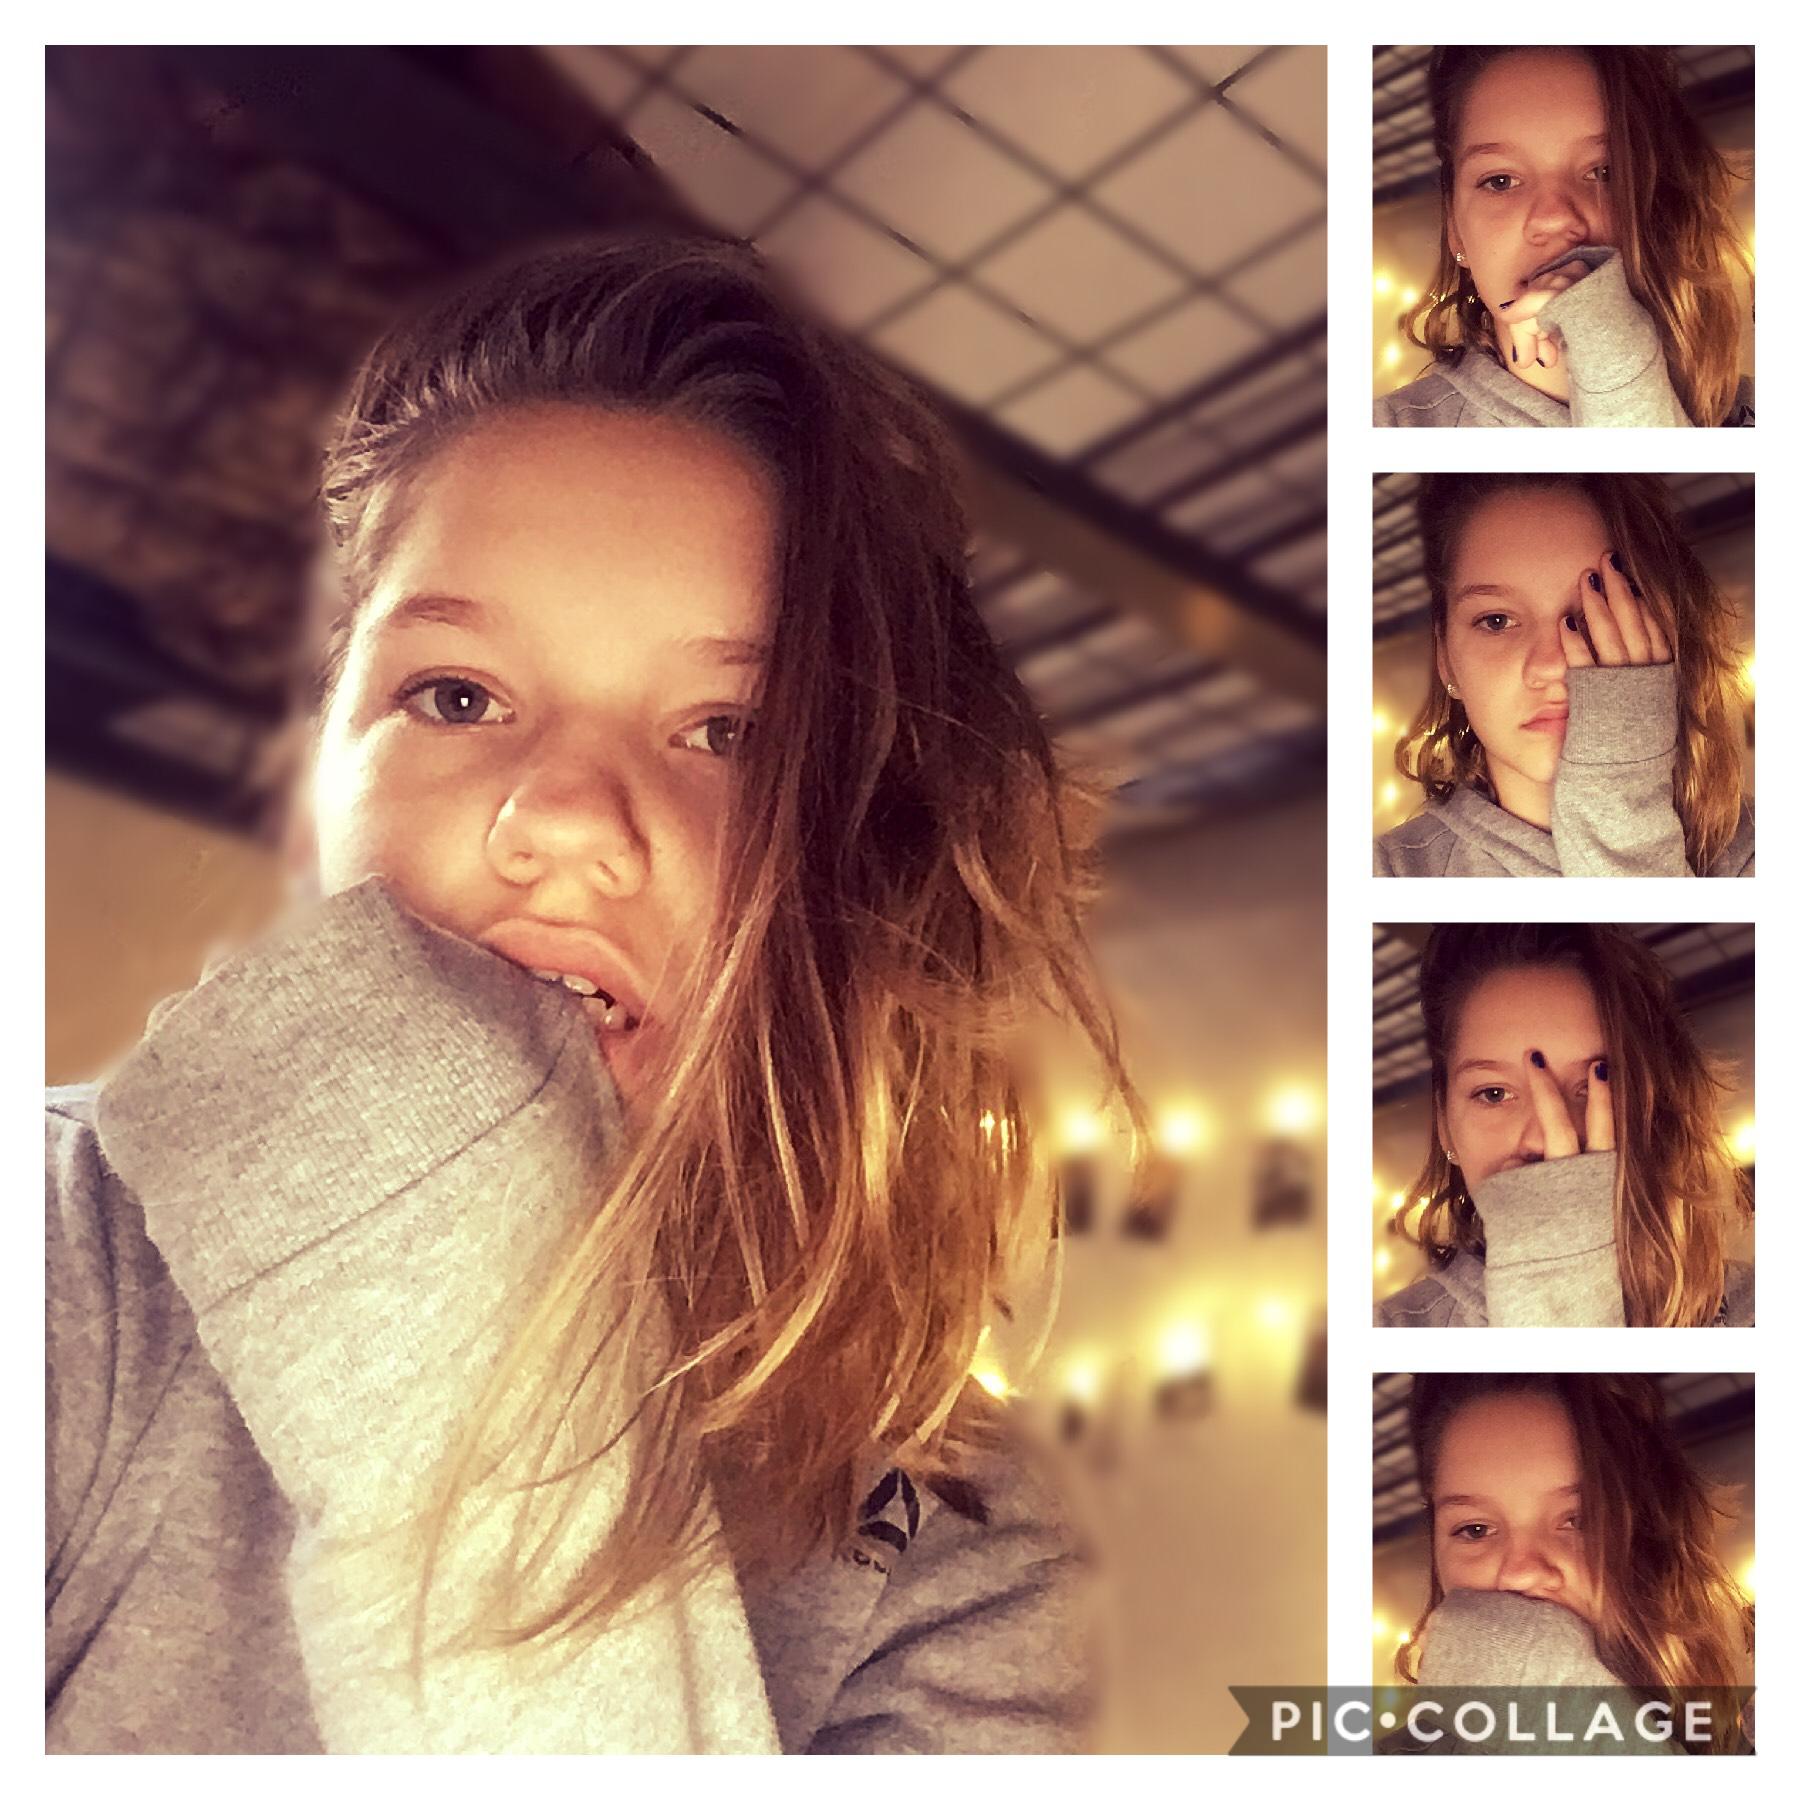 😶 bored